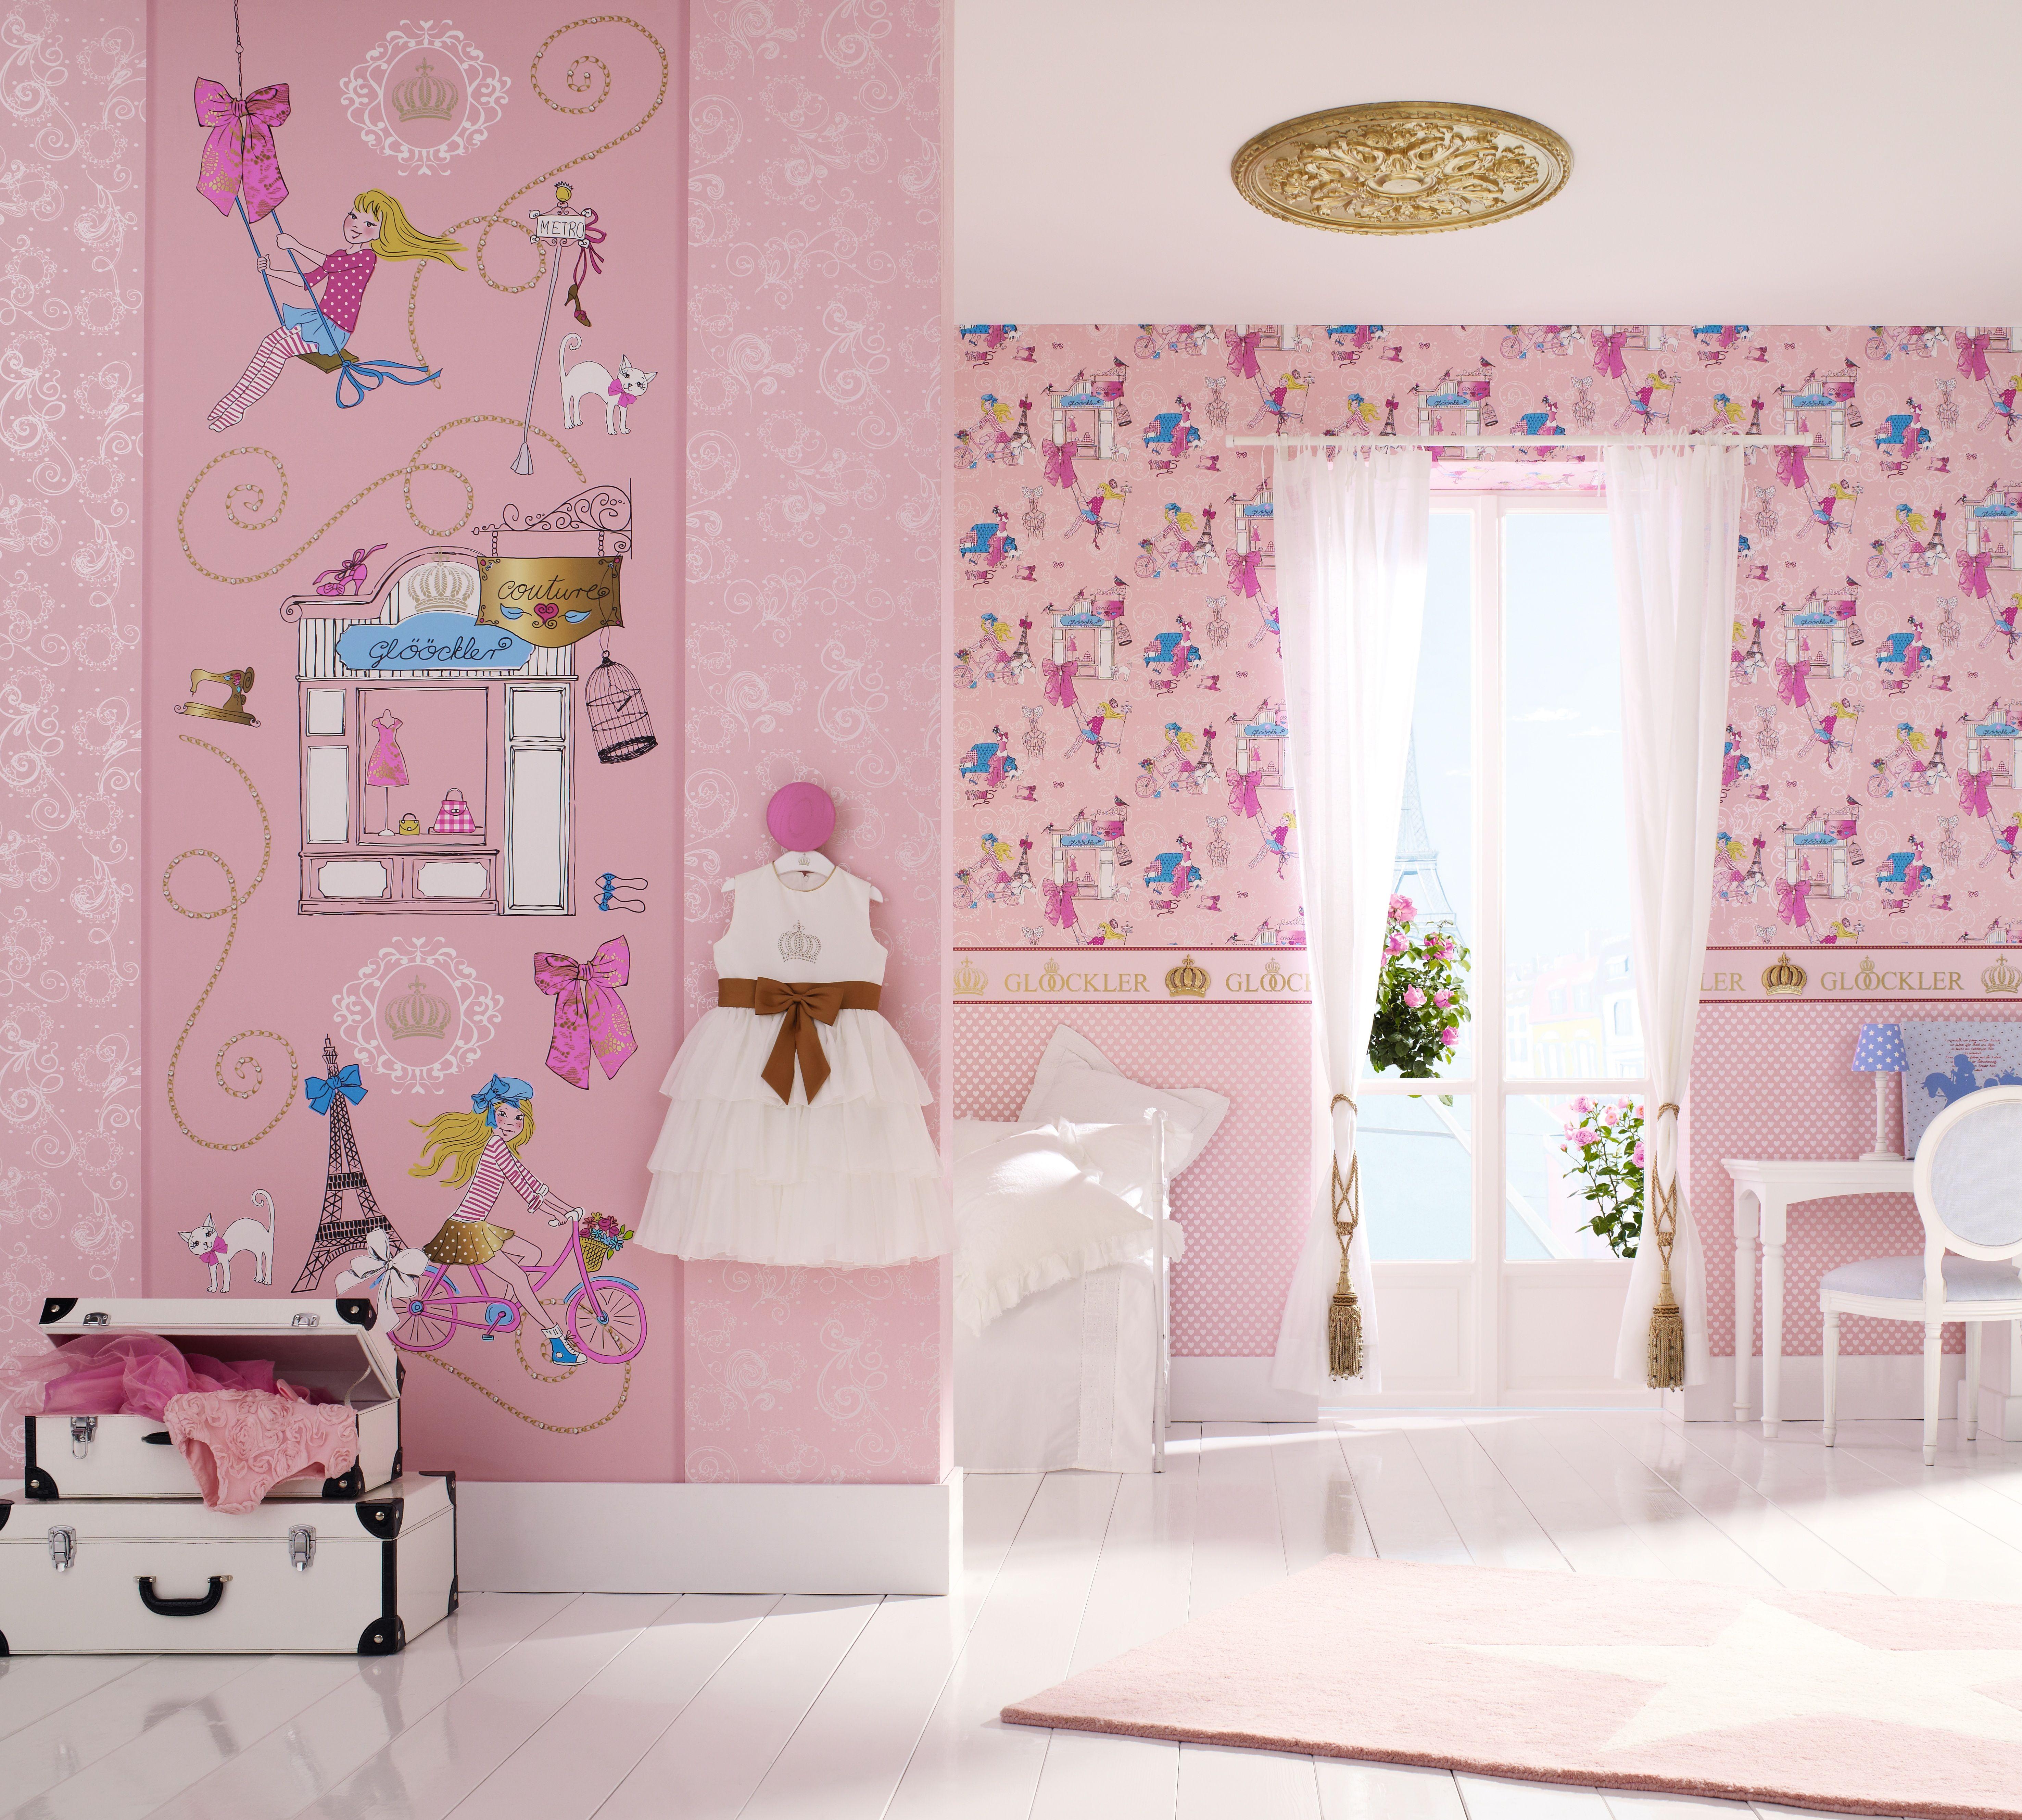 Marburg Tapeten Bunte Tapeten Teppichboden Wunderland Kinderzimmer Tapete Kinderzimmer Ideen